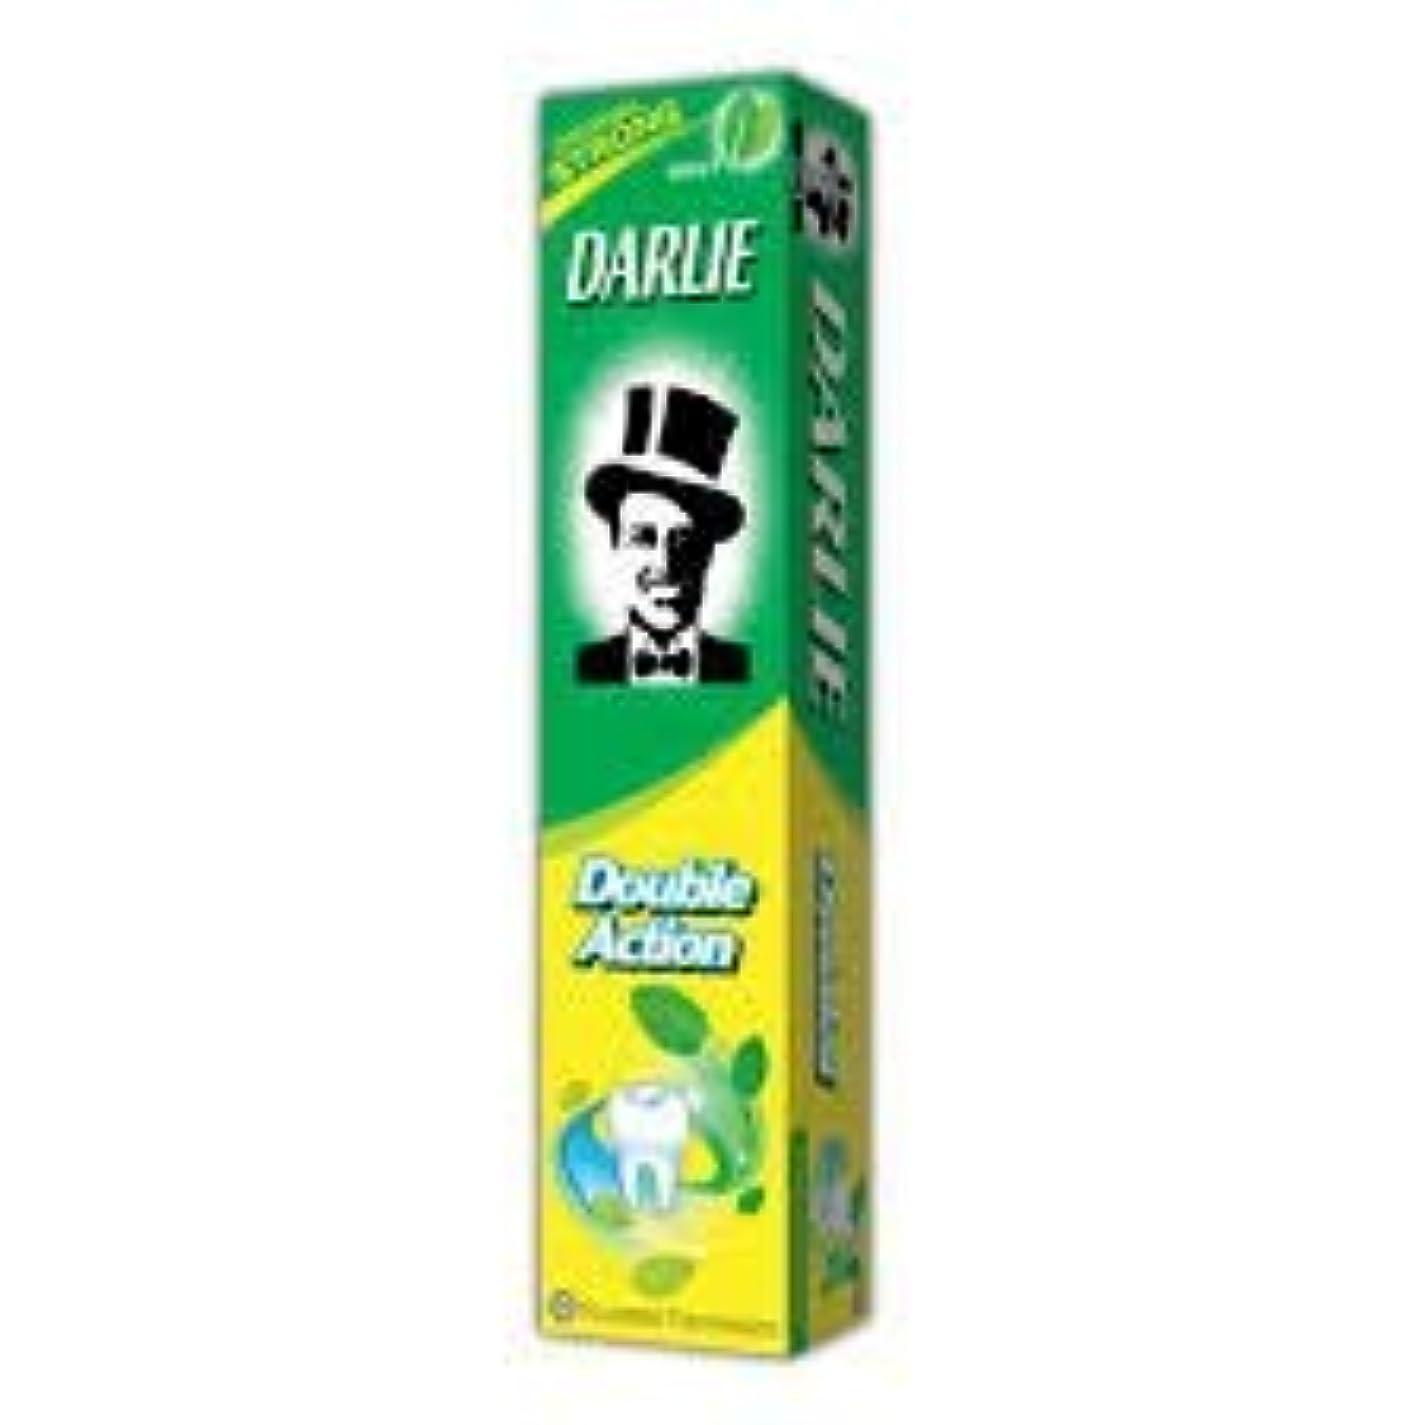 トランスペアレント高音男性DARLIE 歯磨き粉ジャンボ 250g-12 時間のためのより長く持続する新鮮な息を与える-効果的に経口細菌を減少させます